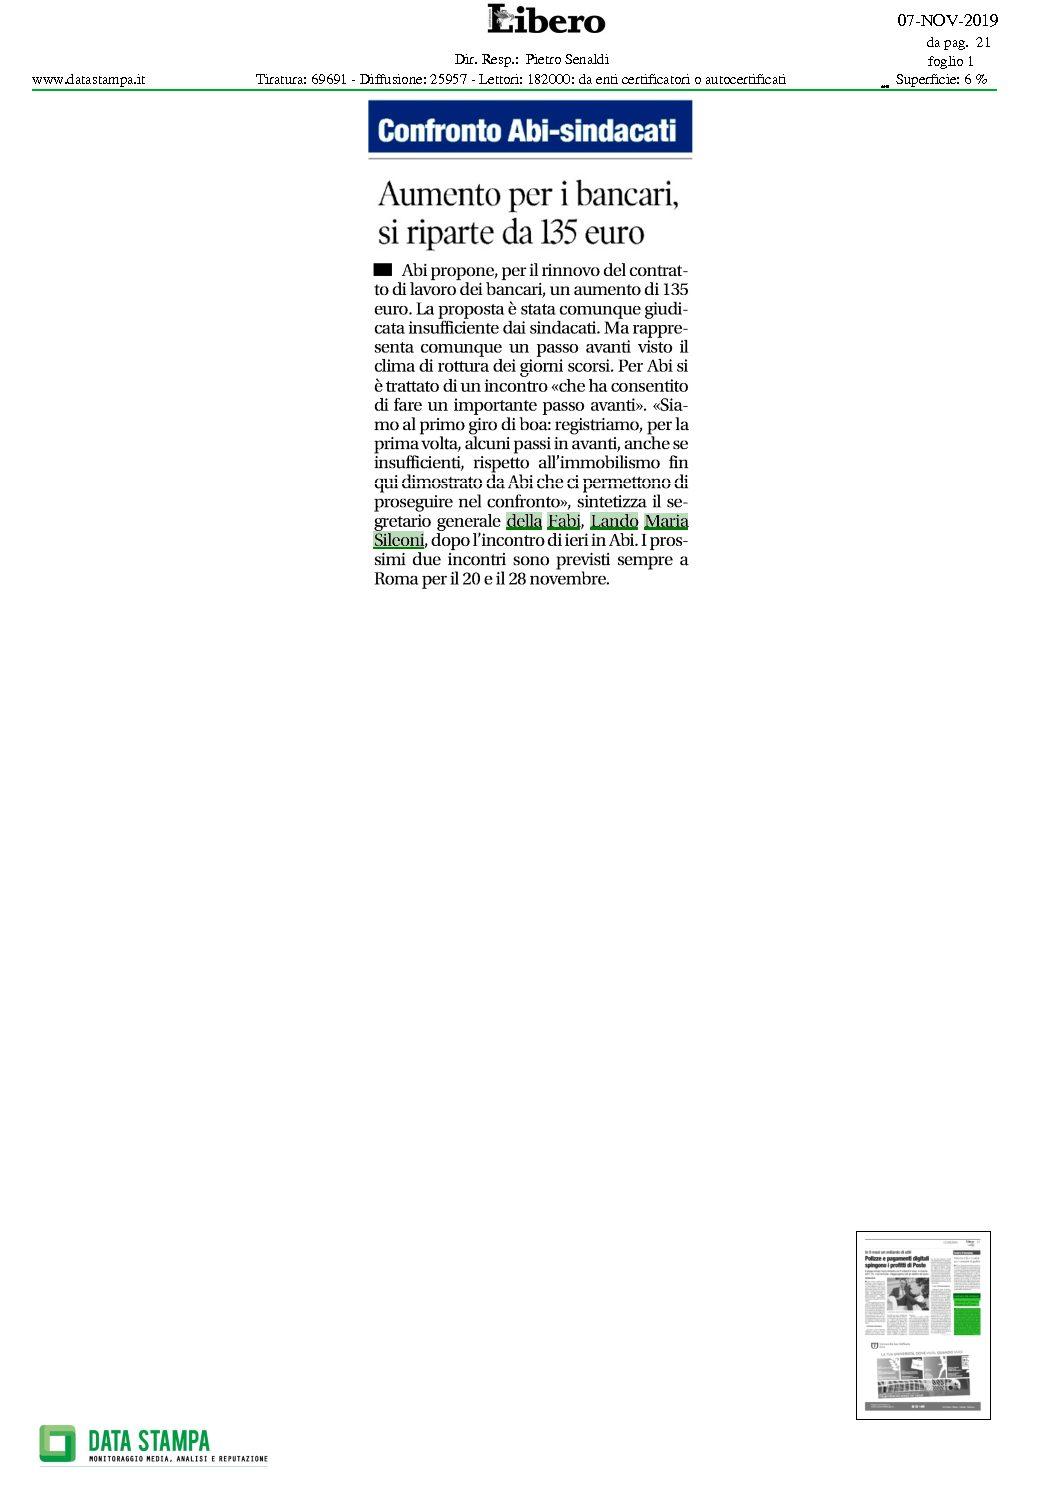 LIBERO_0711